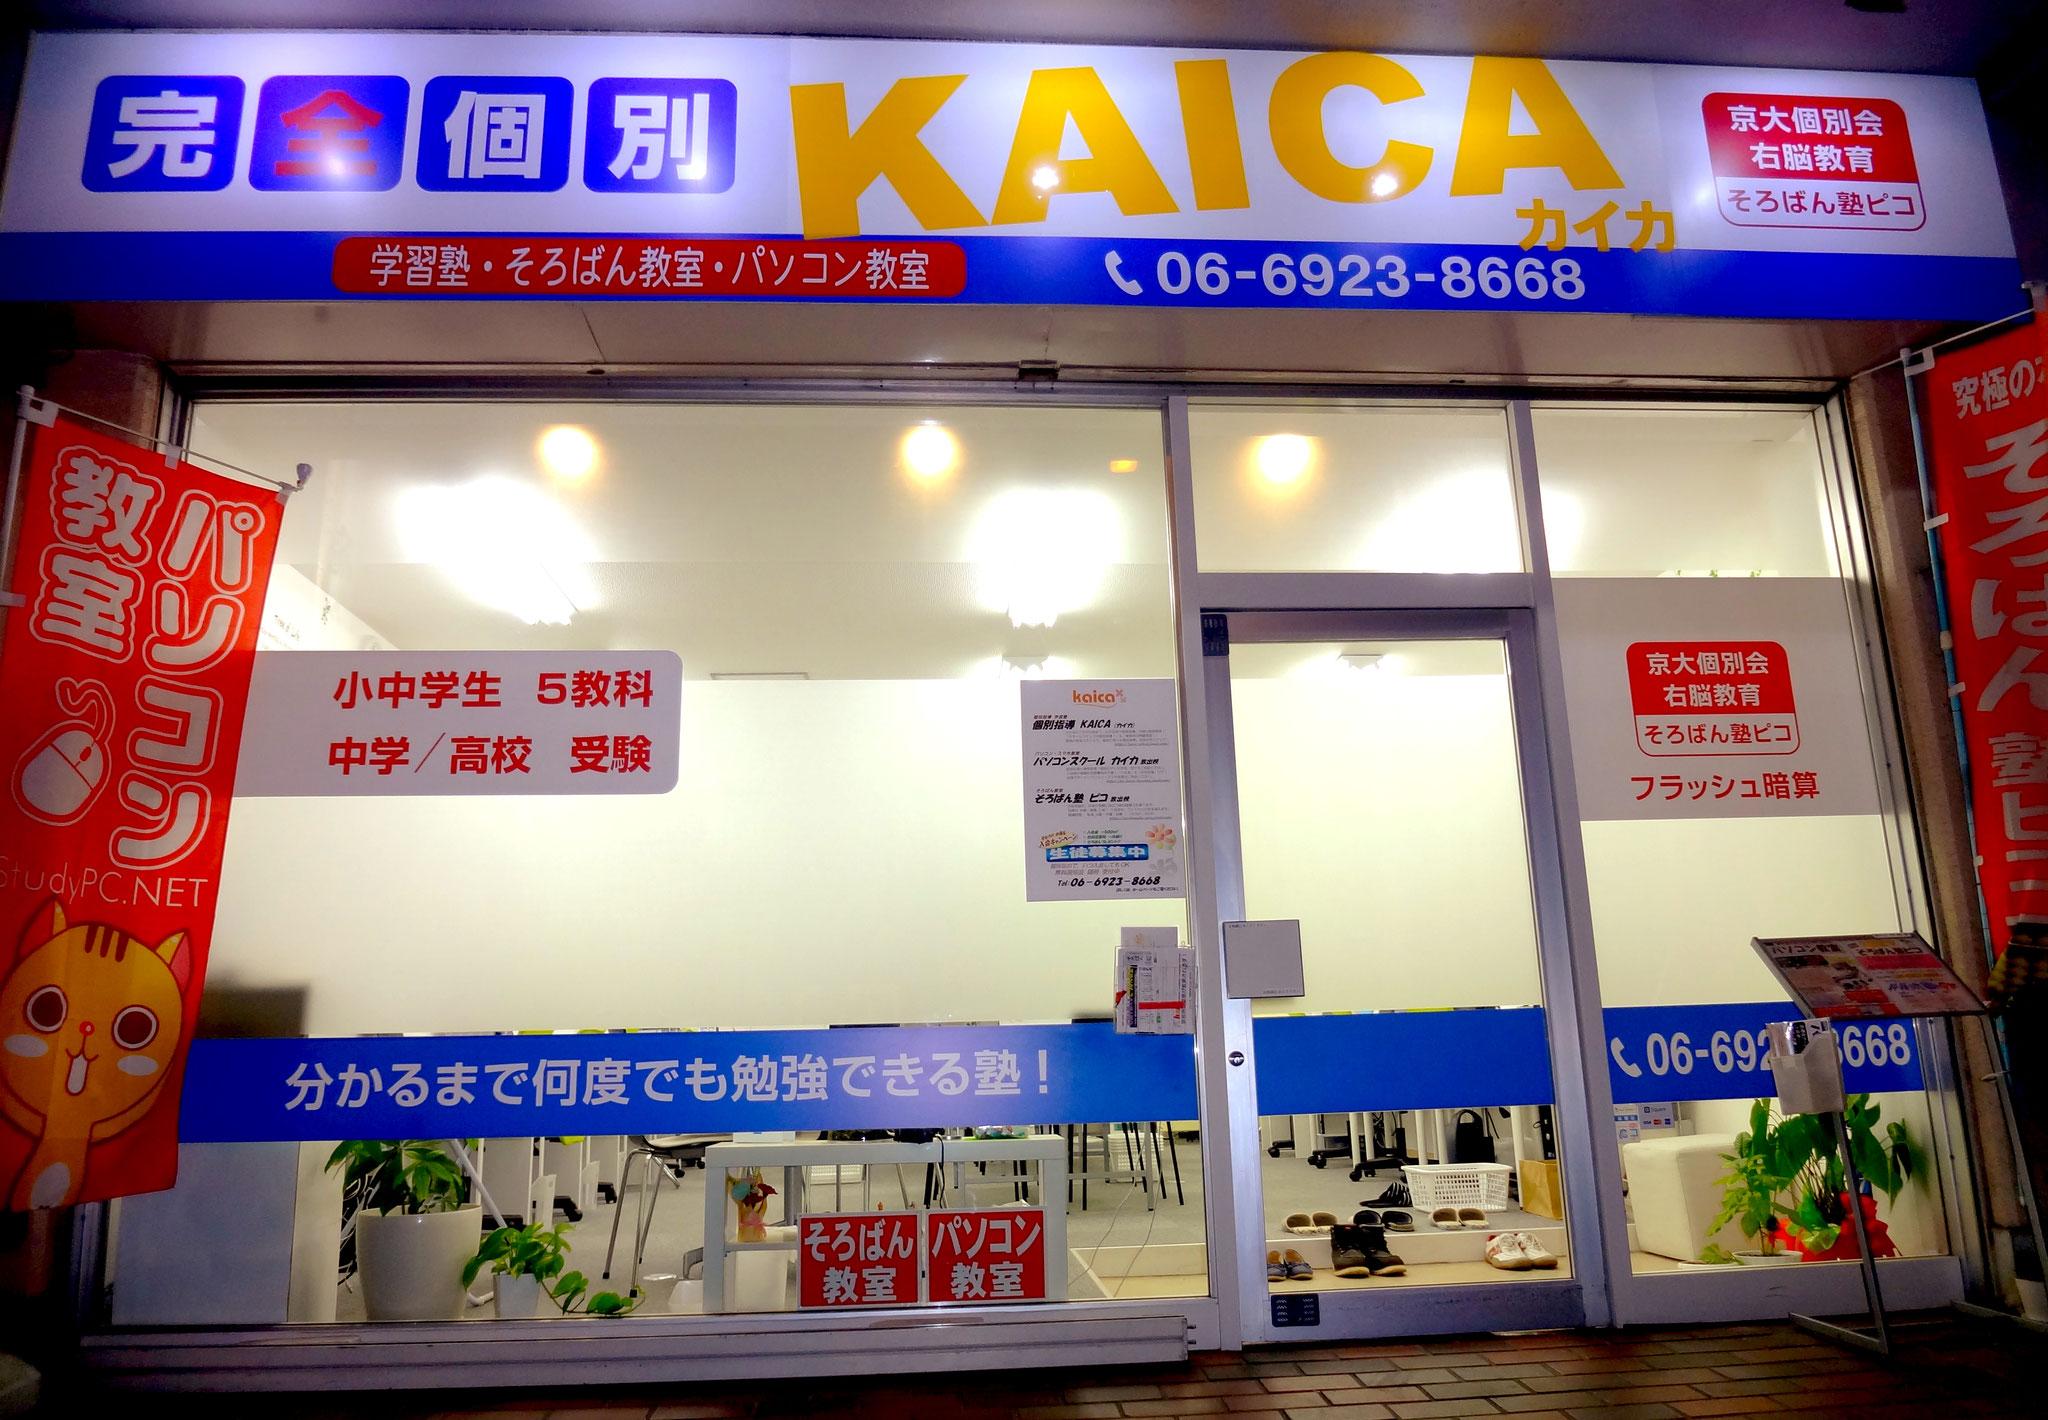 大阪市鶴見区で人気のパソコン教室